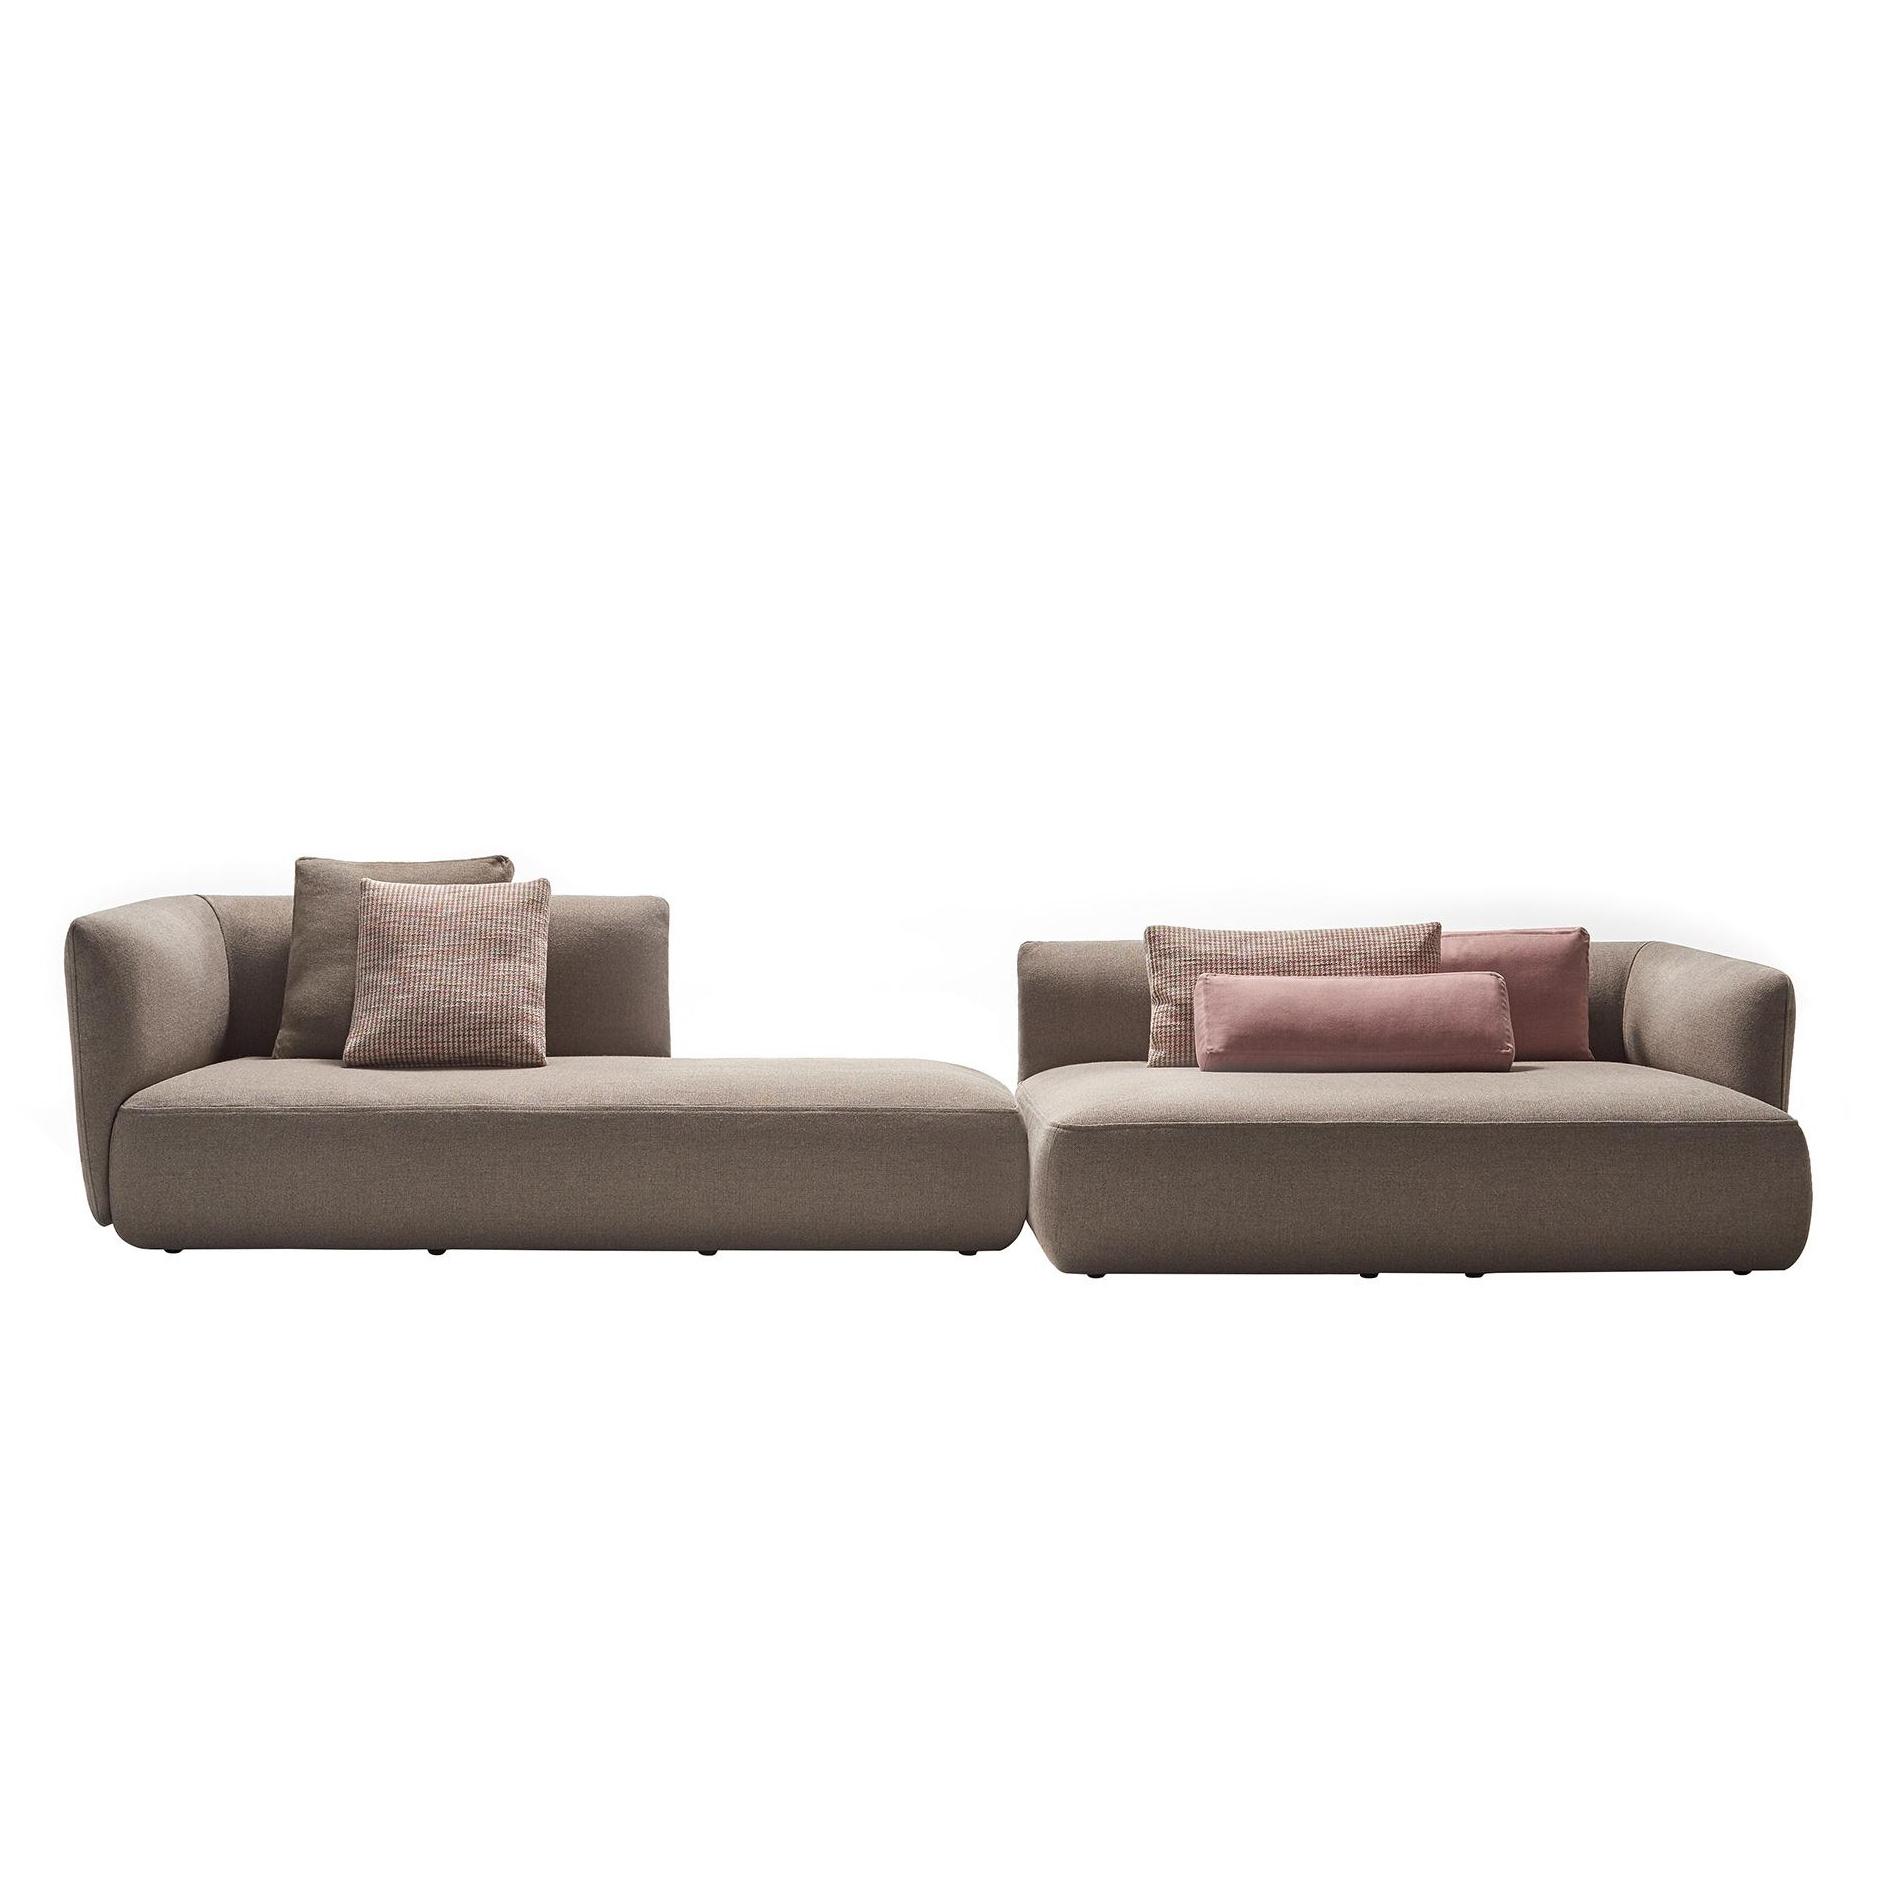 MDF Italia - Cosy - Canapé lounge 355x180cm - tourterelle/étoffe Menfi R370 Col. 445/PxHxP 355x80x180cm/sans coussins décoratifs